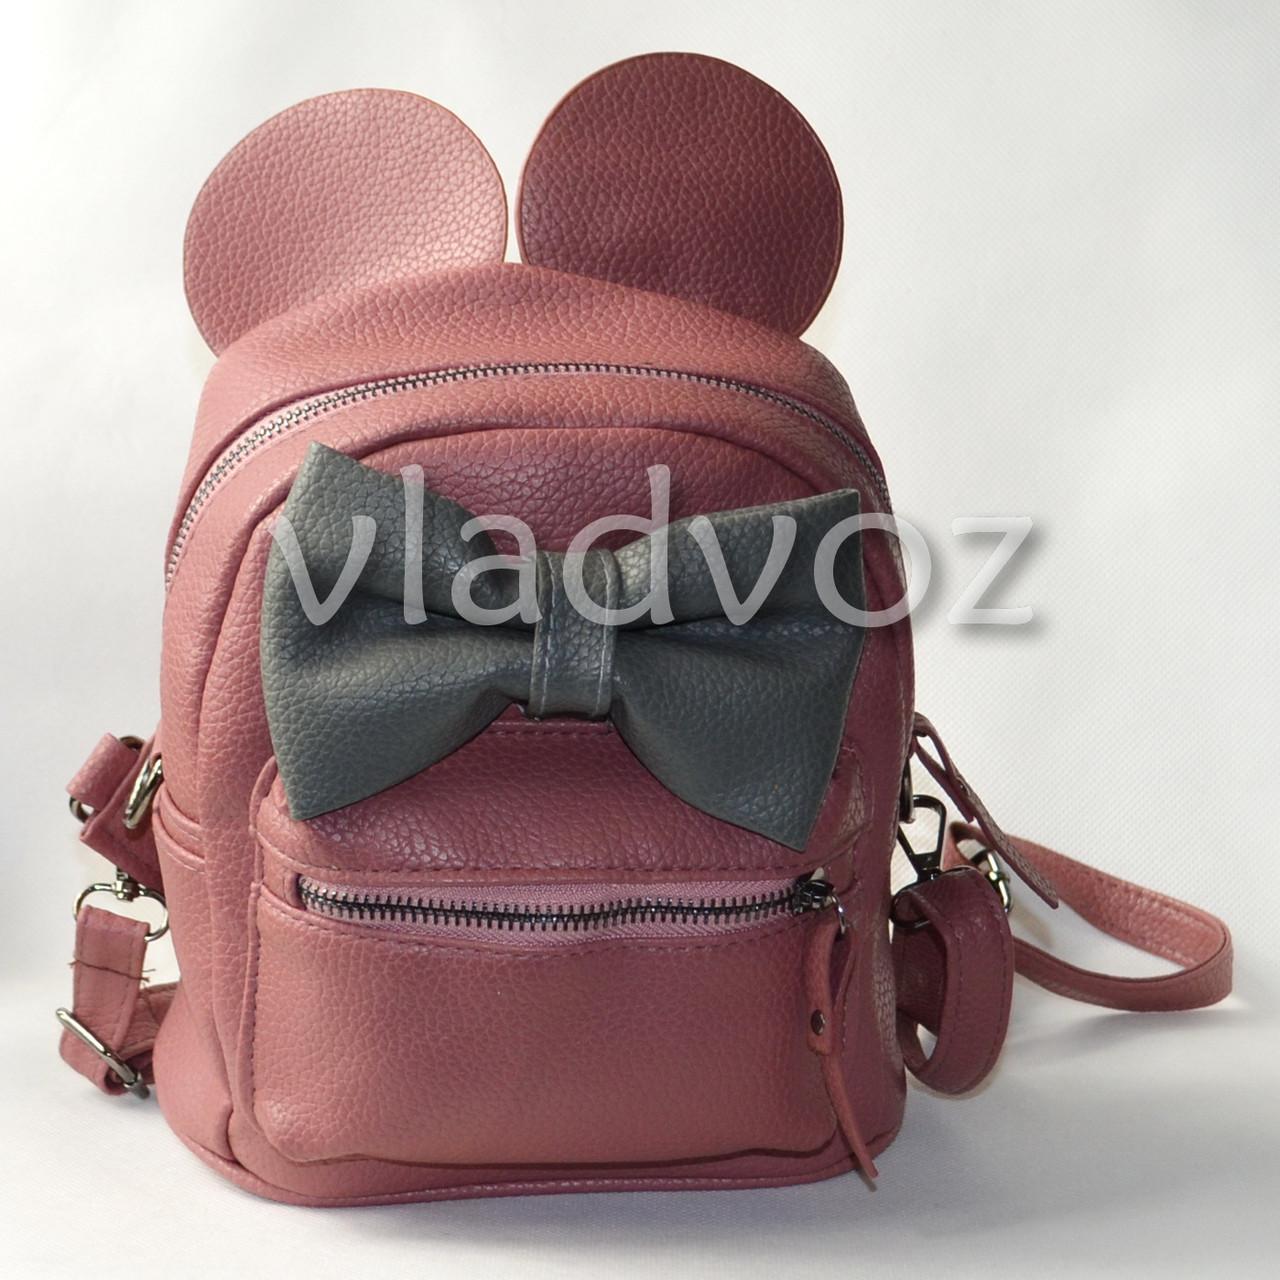 147b5e684565 Молодежный модный рюкзак подросток девочка с ушками фуксия - ☎ VIBER  0977864700 интернет магазин vladvoz.